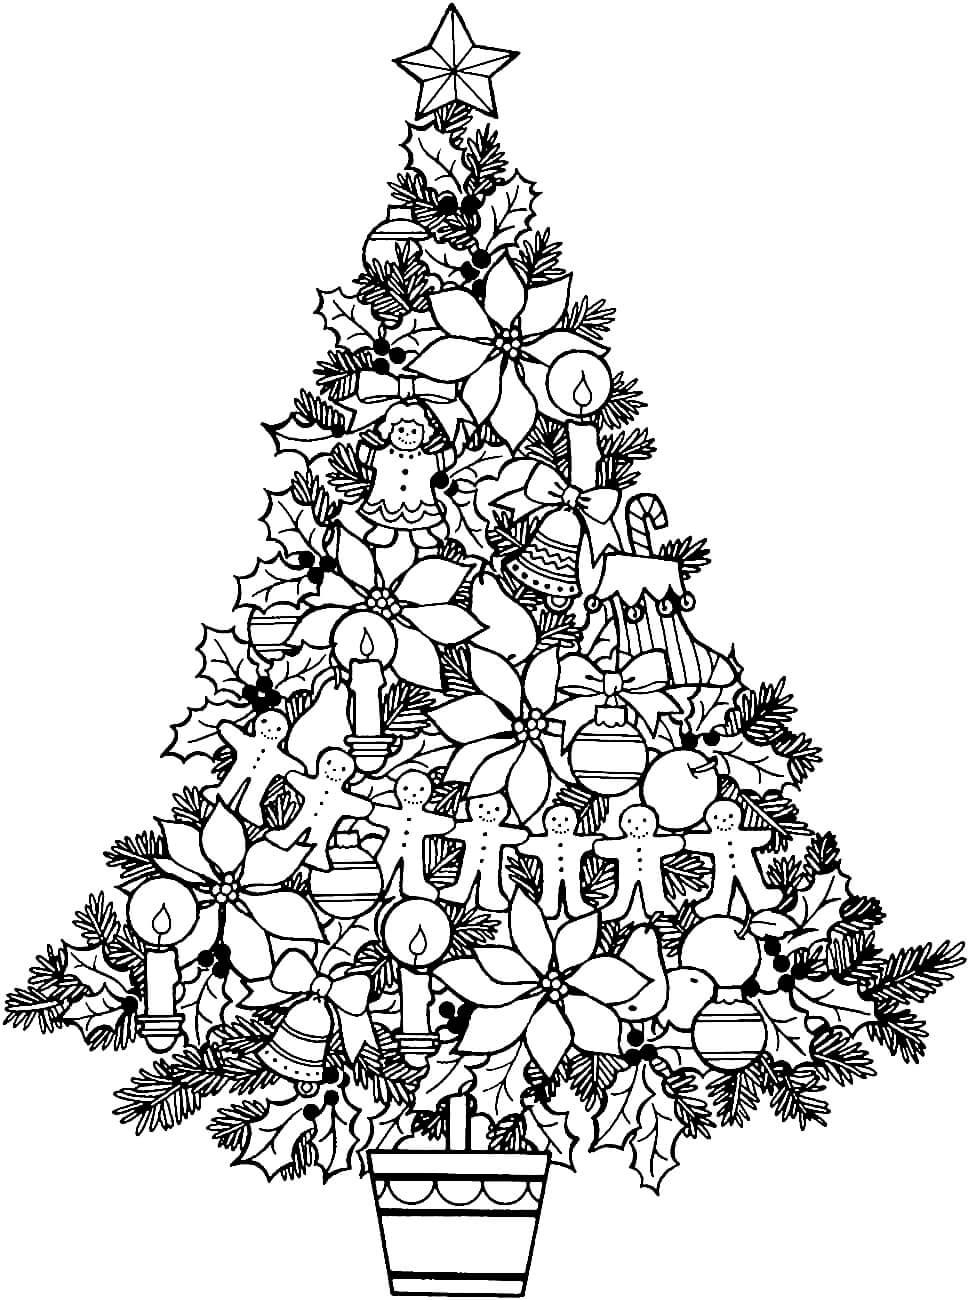 Раскраска Новогодняя ёлочка